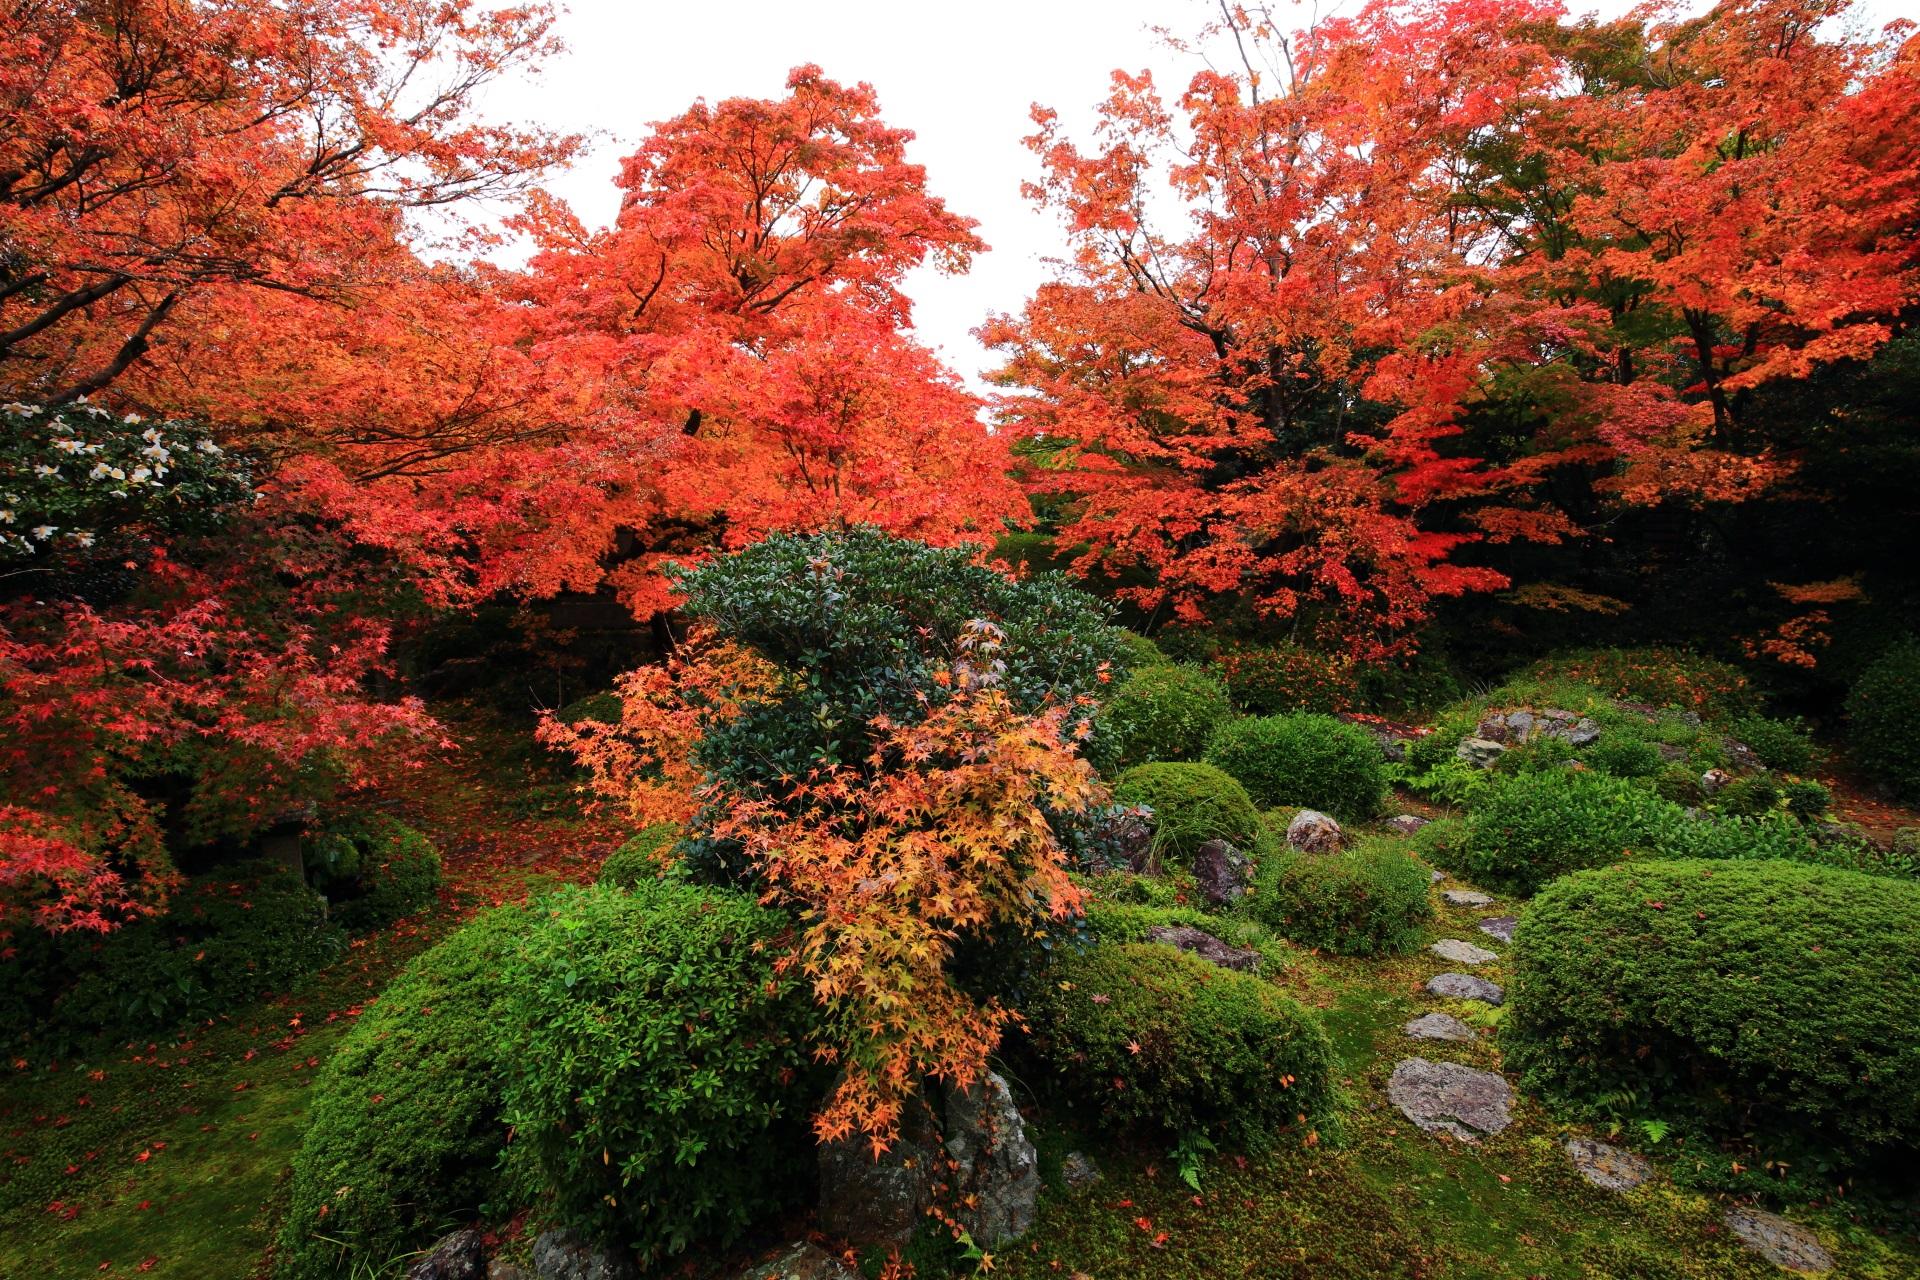 源光庵の風情たっぷりの庭園の紅葉